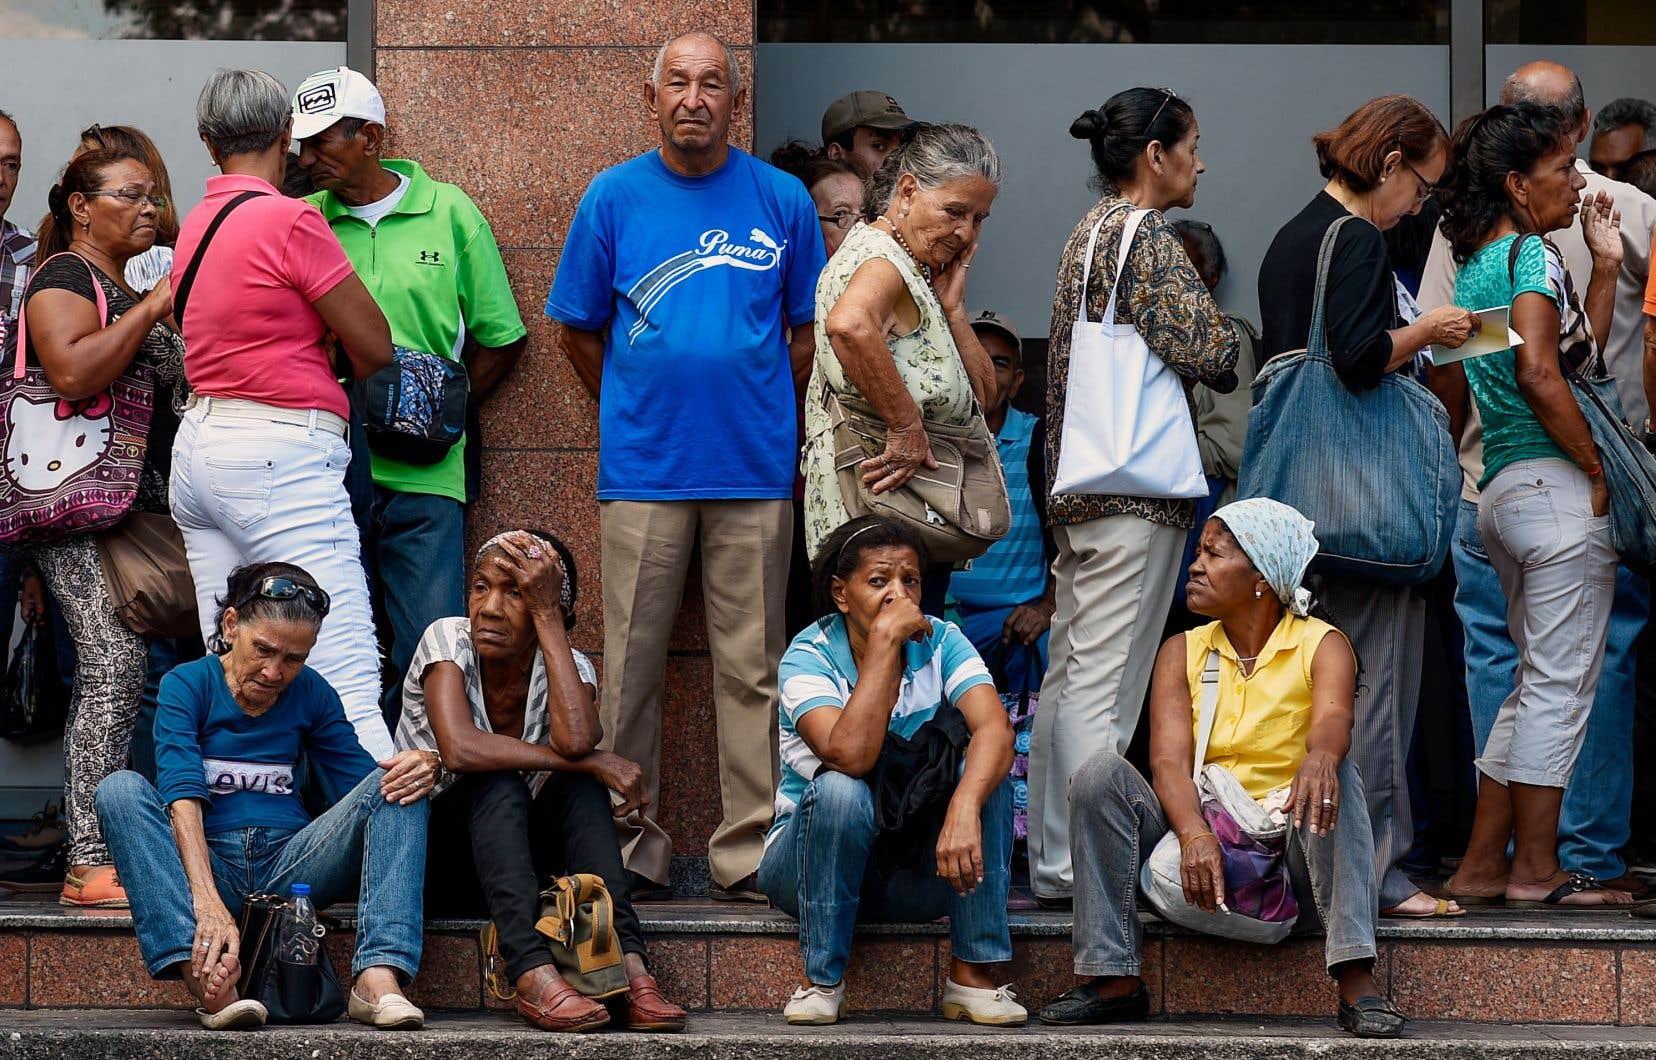 Des gens faisaient la file à l'extérieur d'une banque, lundi, à Caracas, pour mettre la main sur une partie de leur pension. Le pays est englué dans une grave crise économique depuis plusieurs mois.